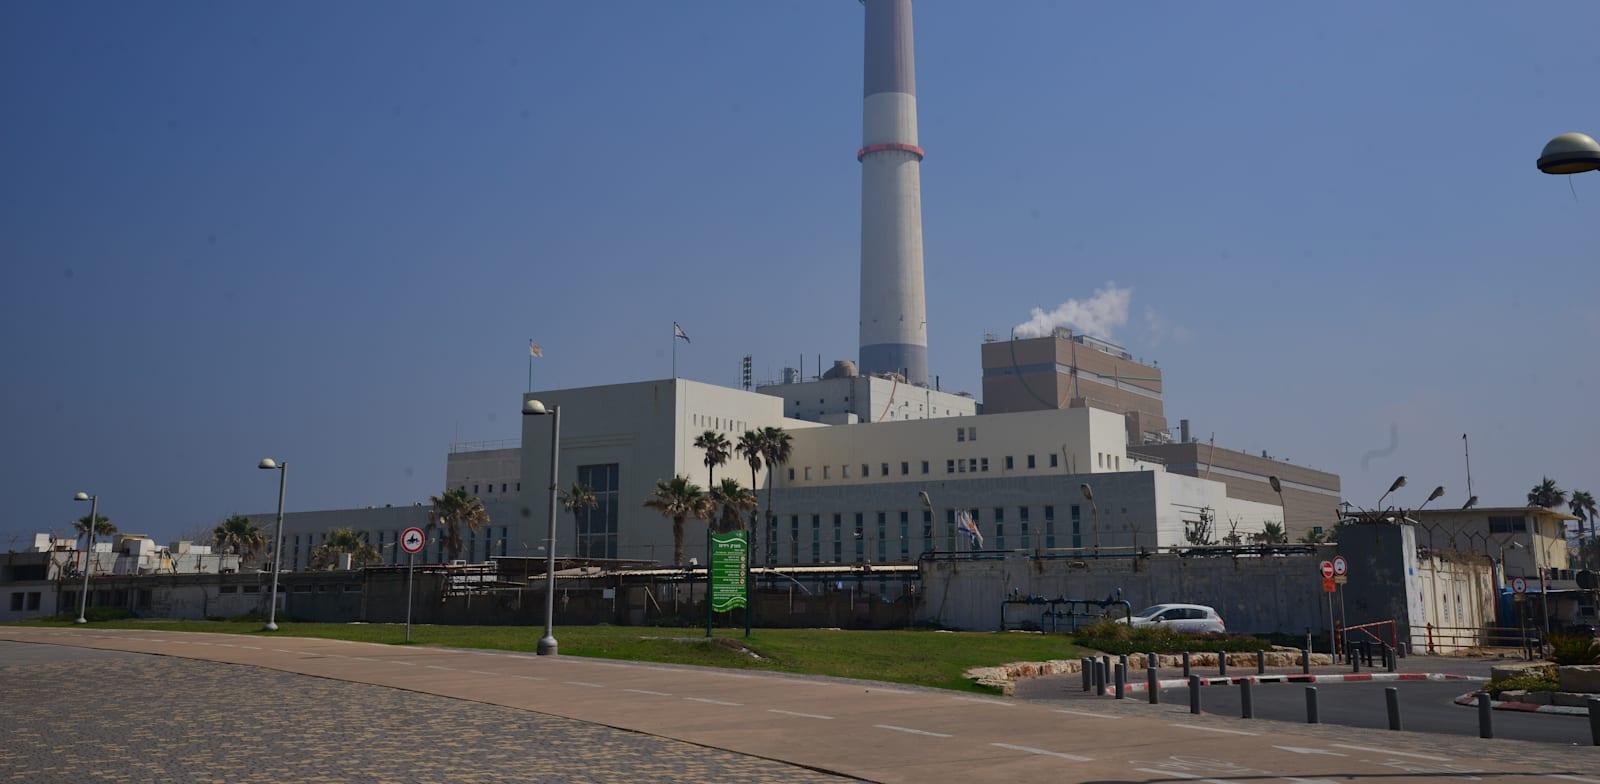 תחנת הכוח רידינג בתל אביב / צילום: תמר מצפי